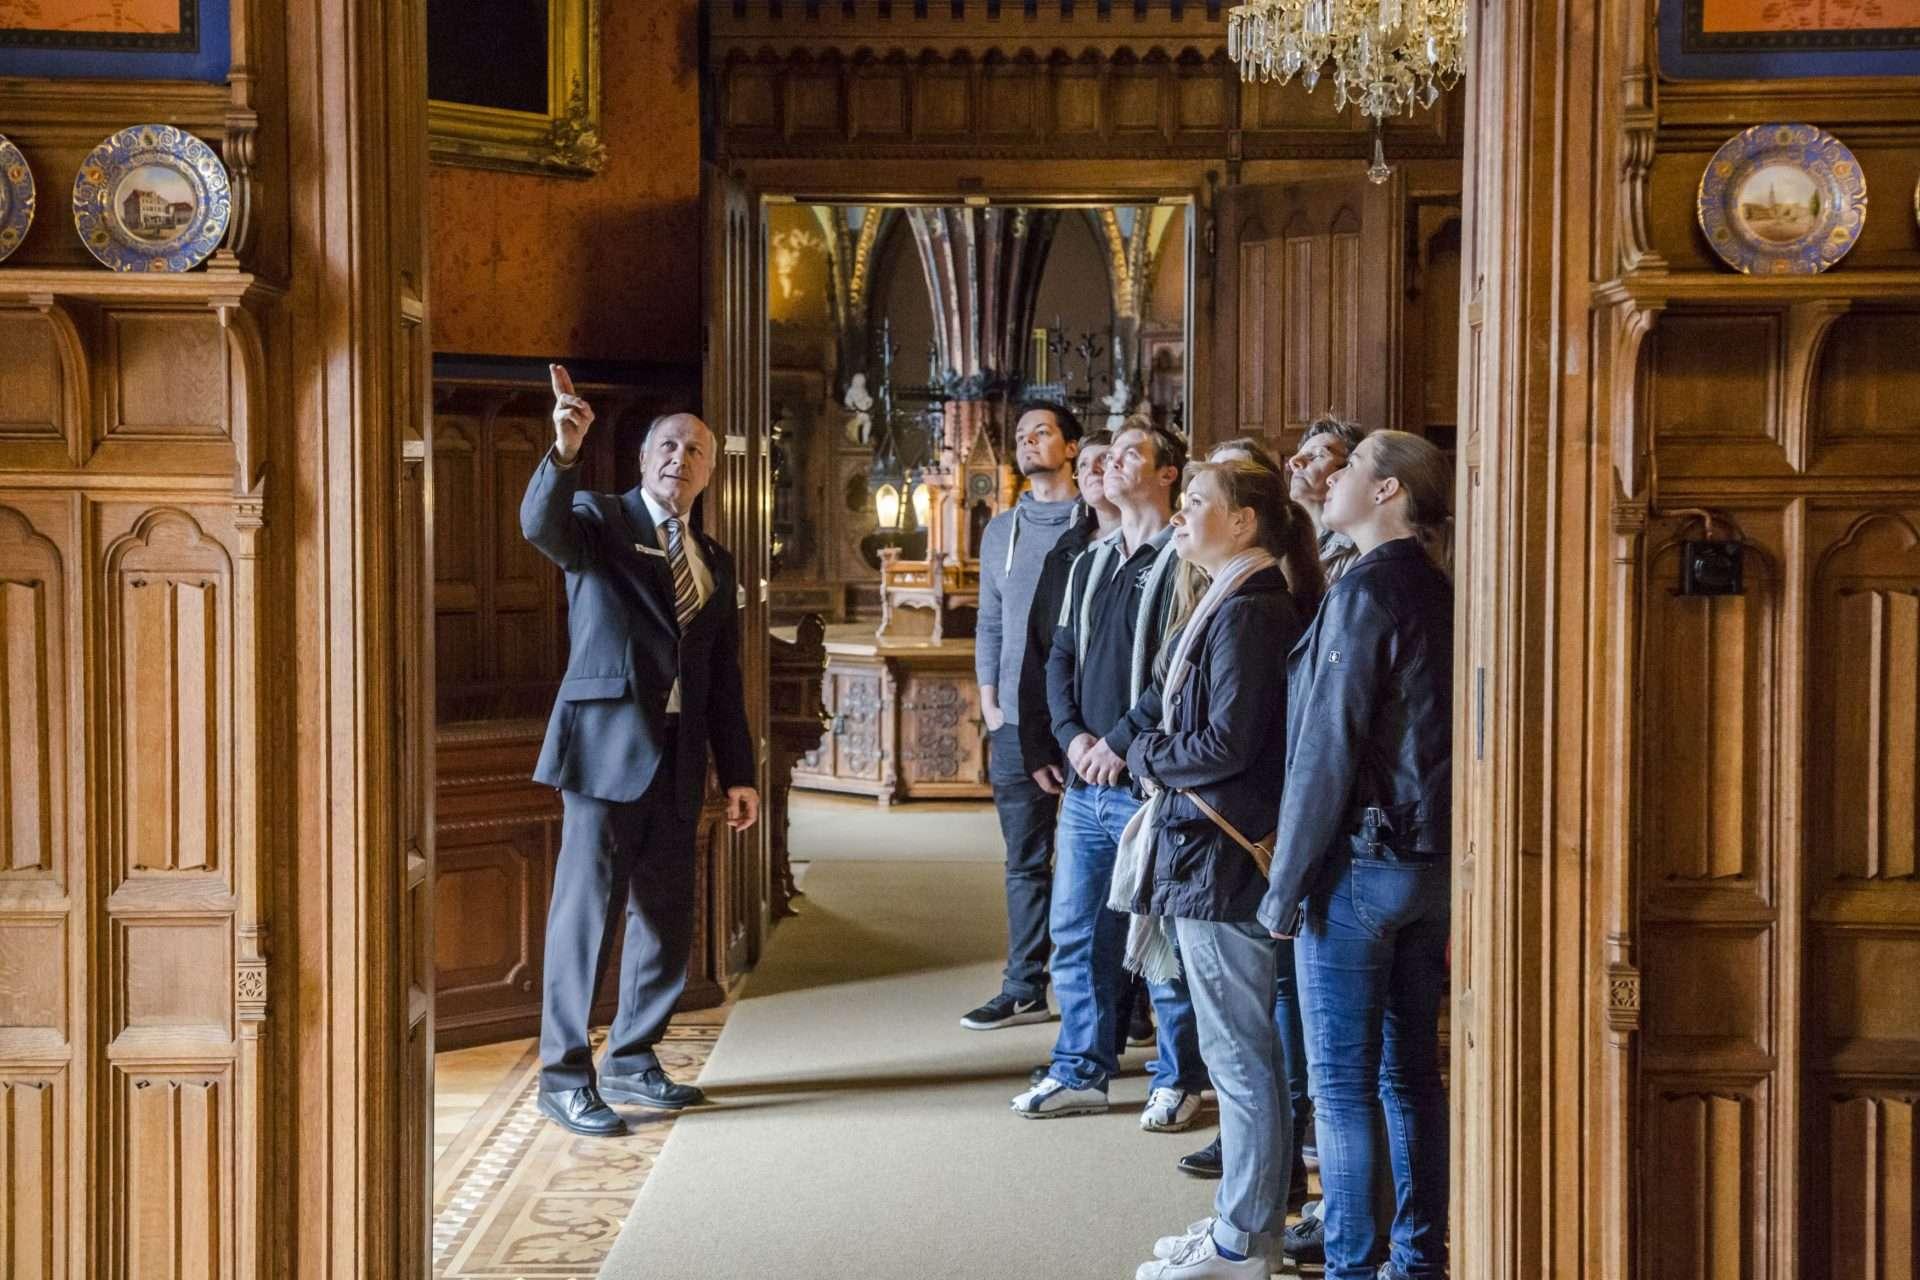 Führung in den historischen Räumen Schloss Marienburg